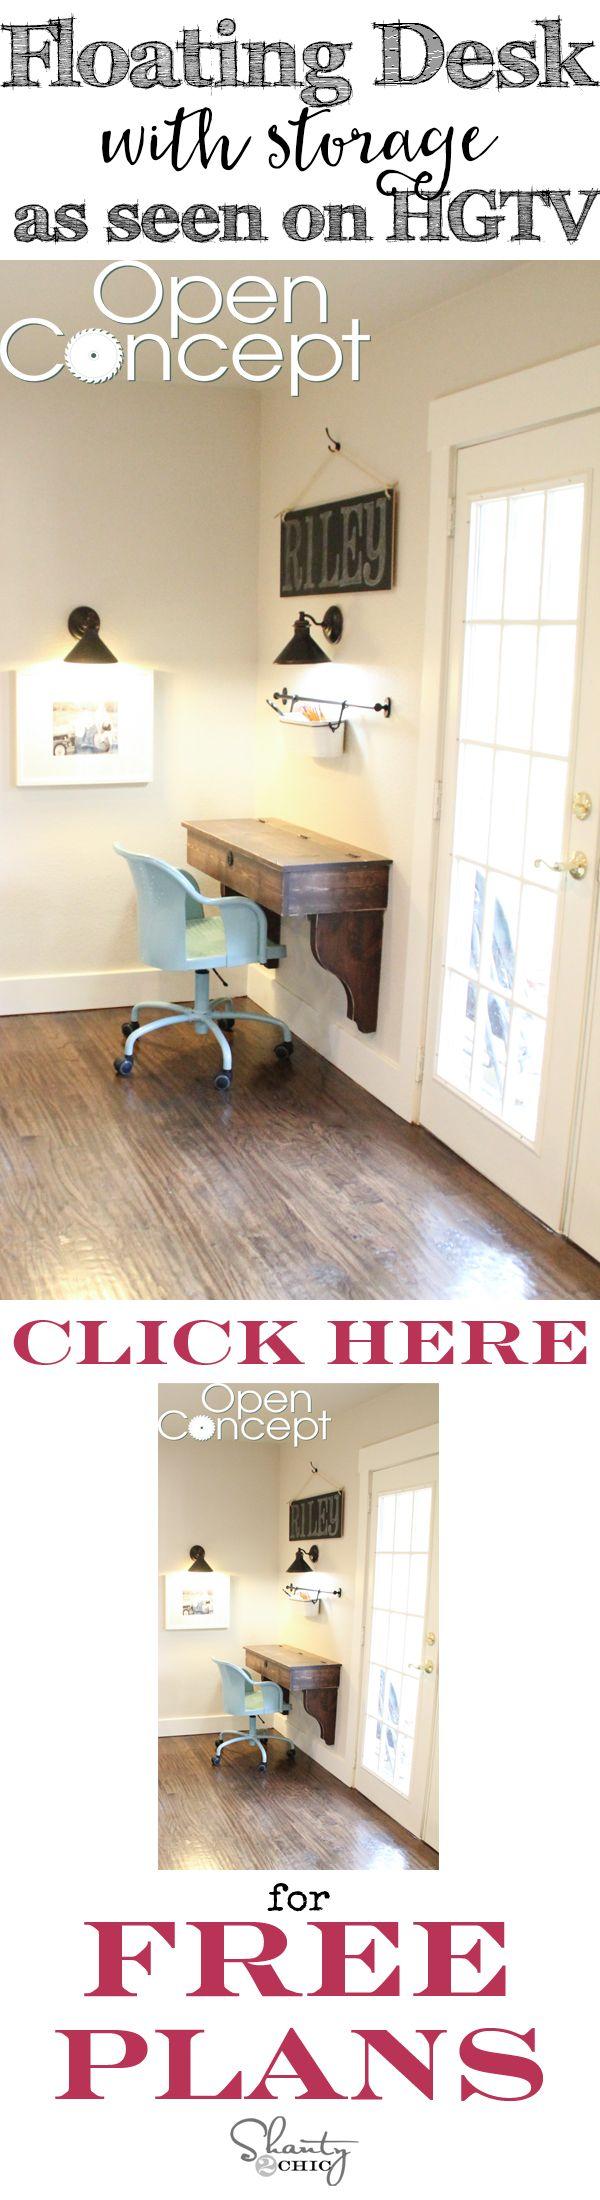 70 best home office images on pinterest diy desk furniture diy floating student desk as seen on hgtv open concept